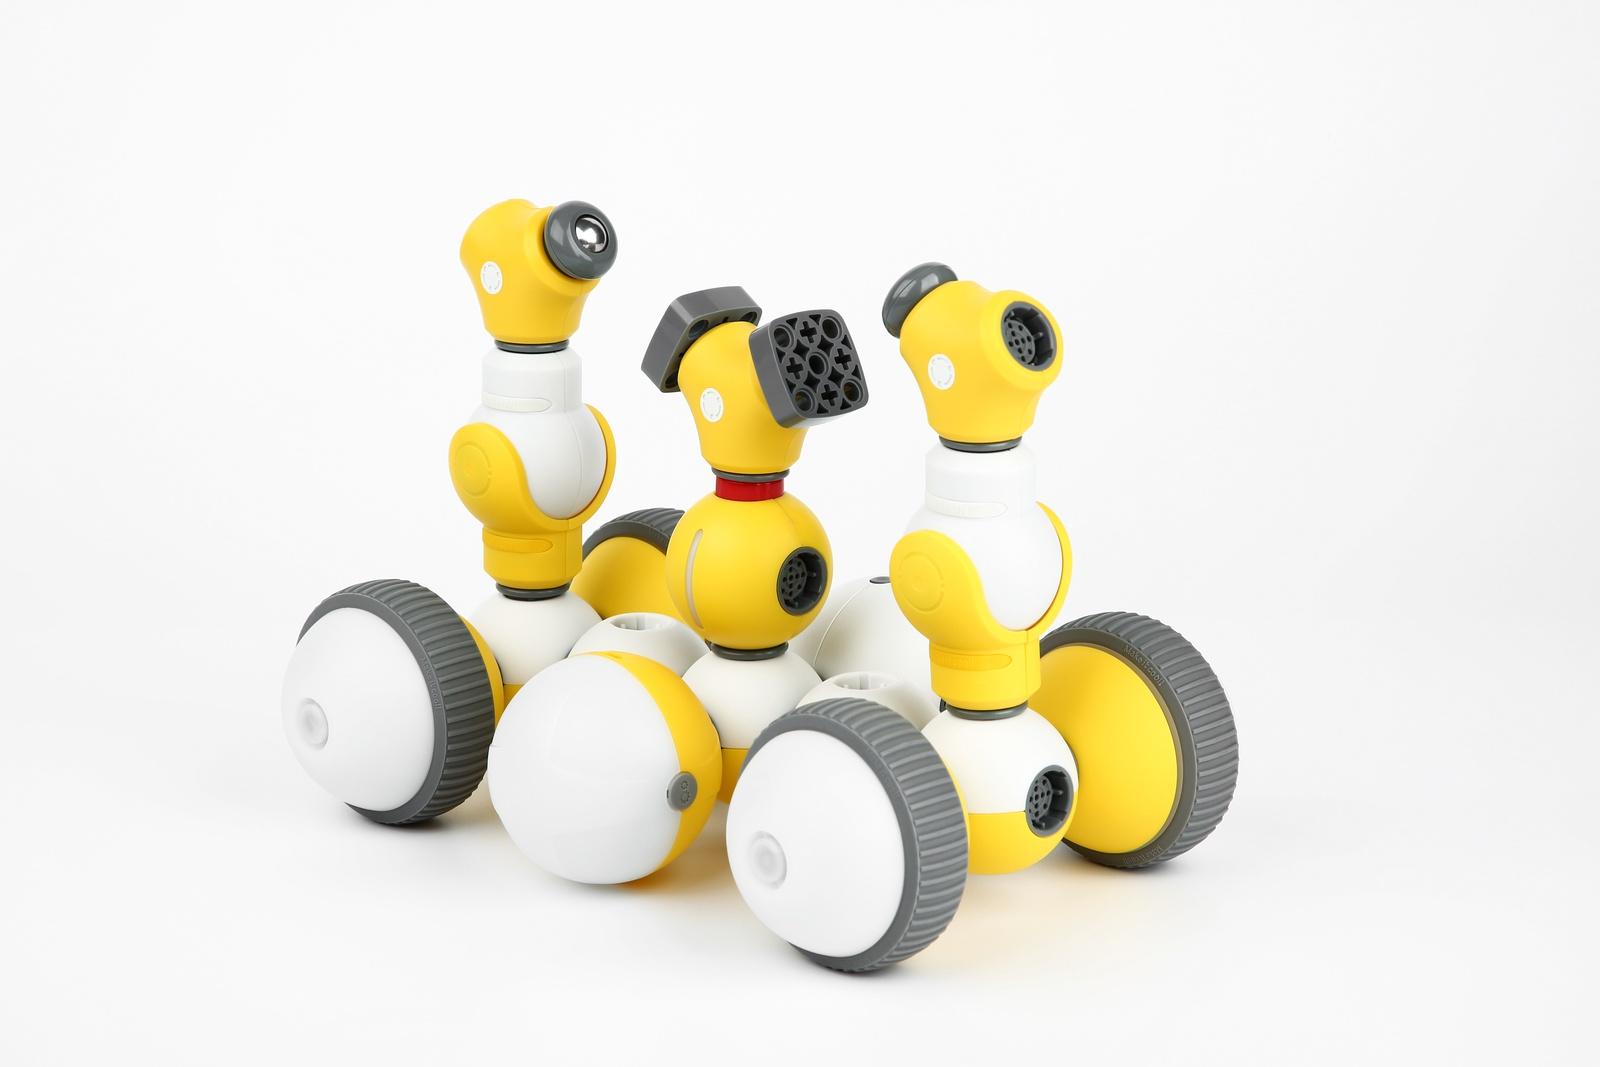 Программируемый робот Bell Robot Детский конструктор-робот Mabot C, желтый, белый Бесконечные возможности и веселье!Потрясающая игрушка для STEAM...